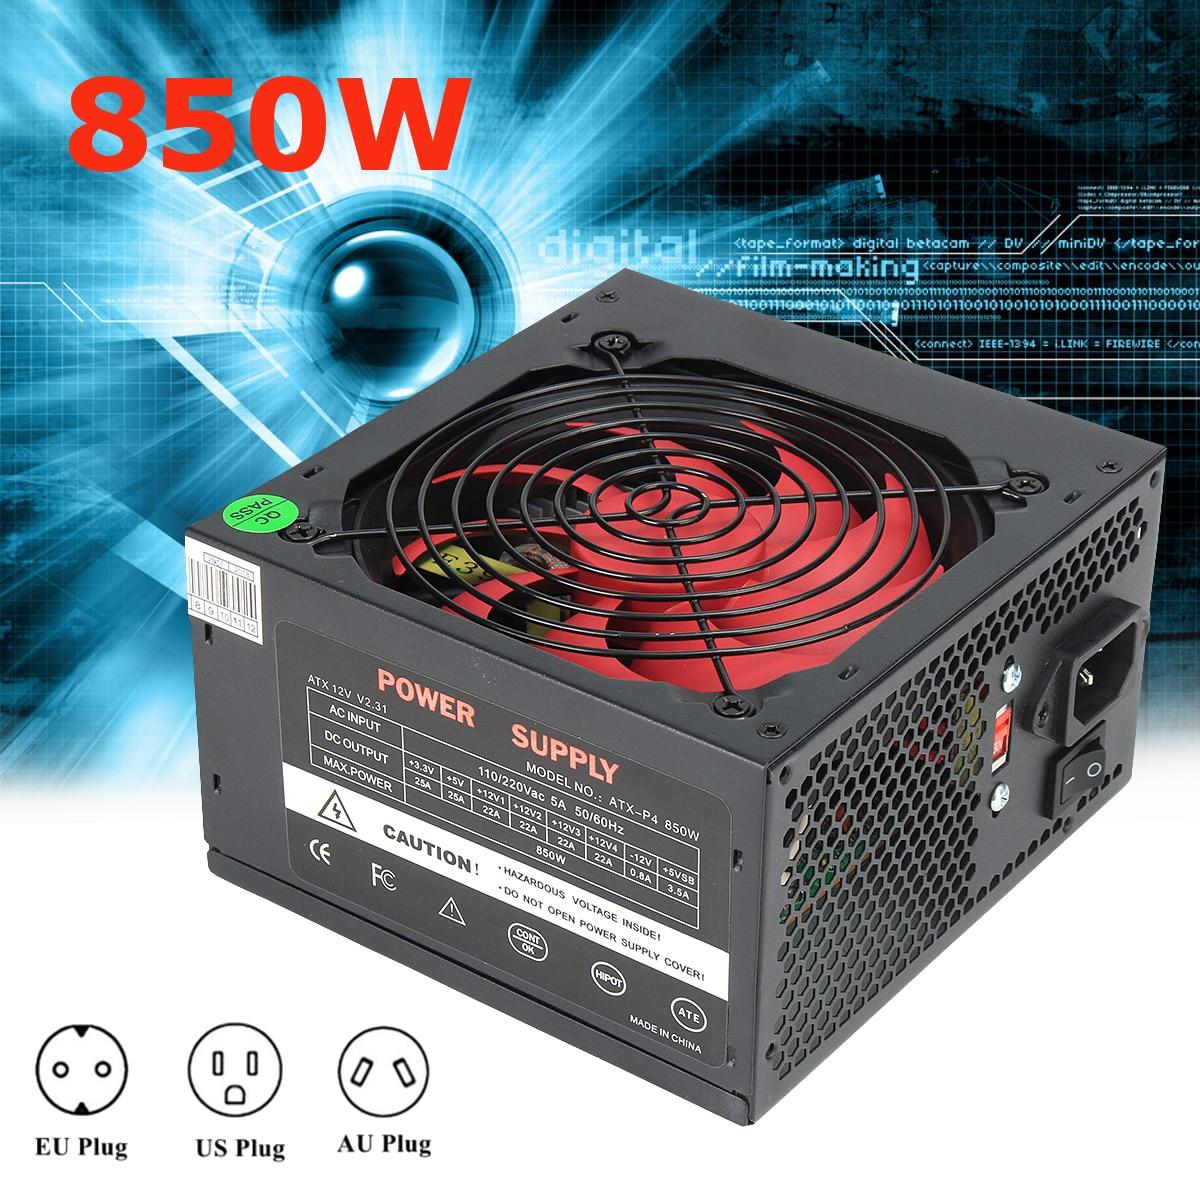 ATX-PC США/AU/ЕС Plug 850 Вт 850 Вт BTC Питание Процессор Active PFC эффективный вентилятор 24Pin PCI SATA ATX 12 В Molex Шахтер PC Мощность